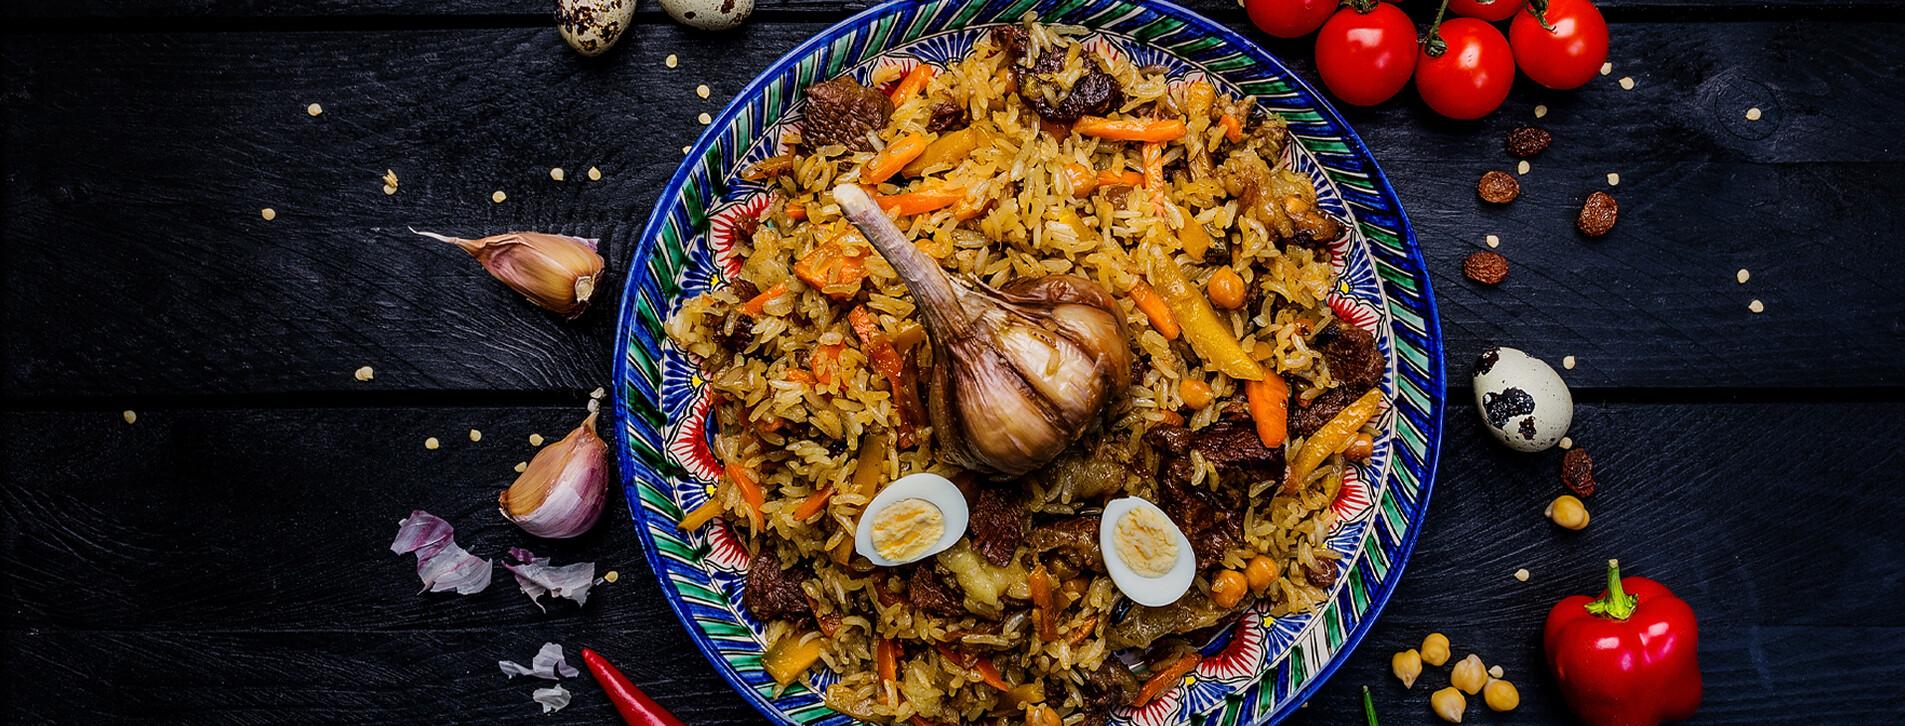 Фото 1 - Ужин в ресторане узбекской кухни Eshak